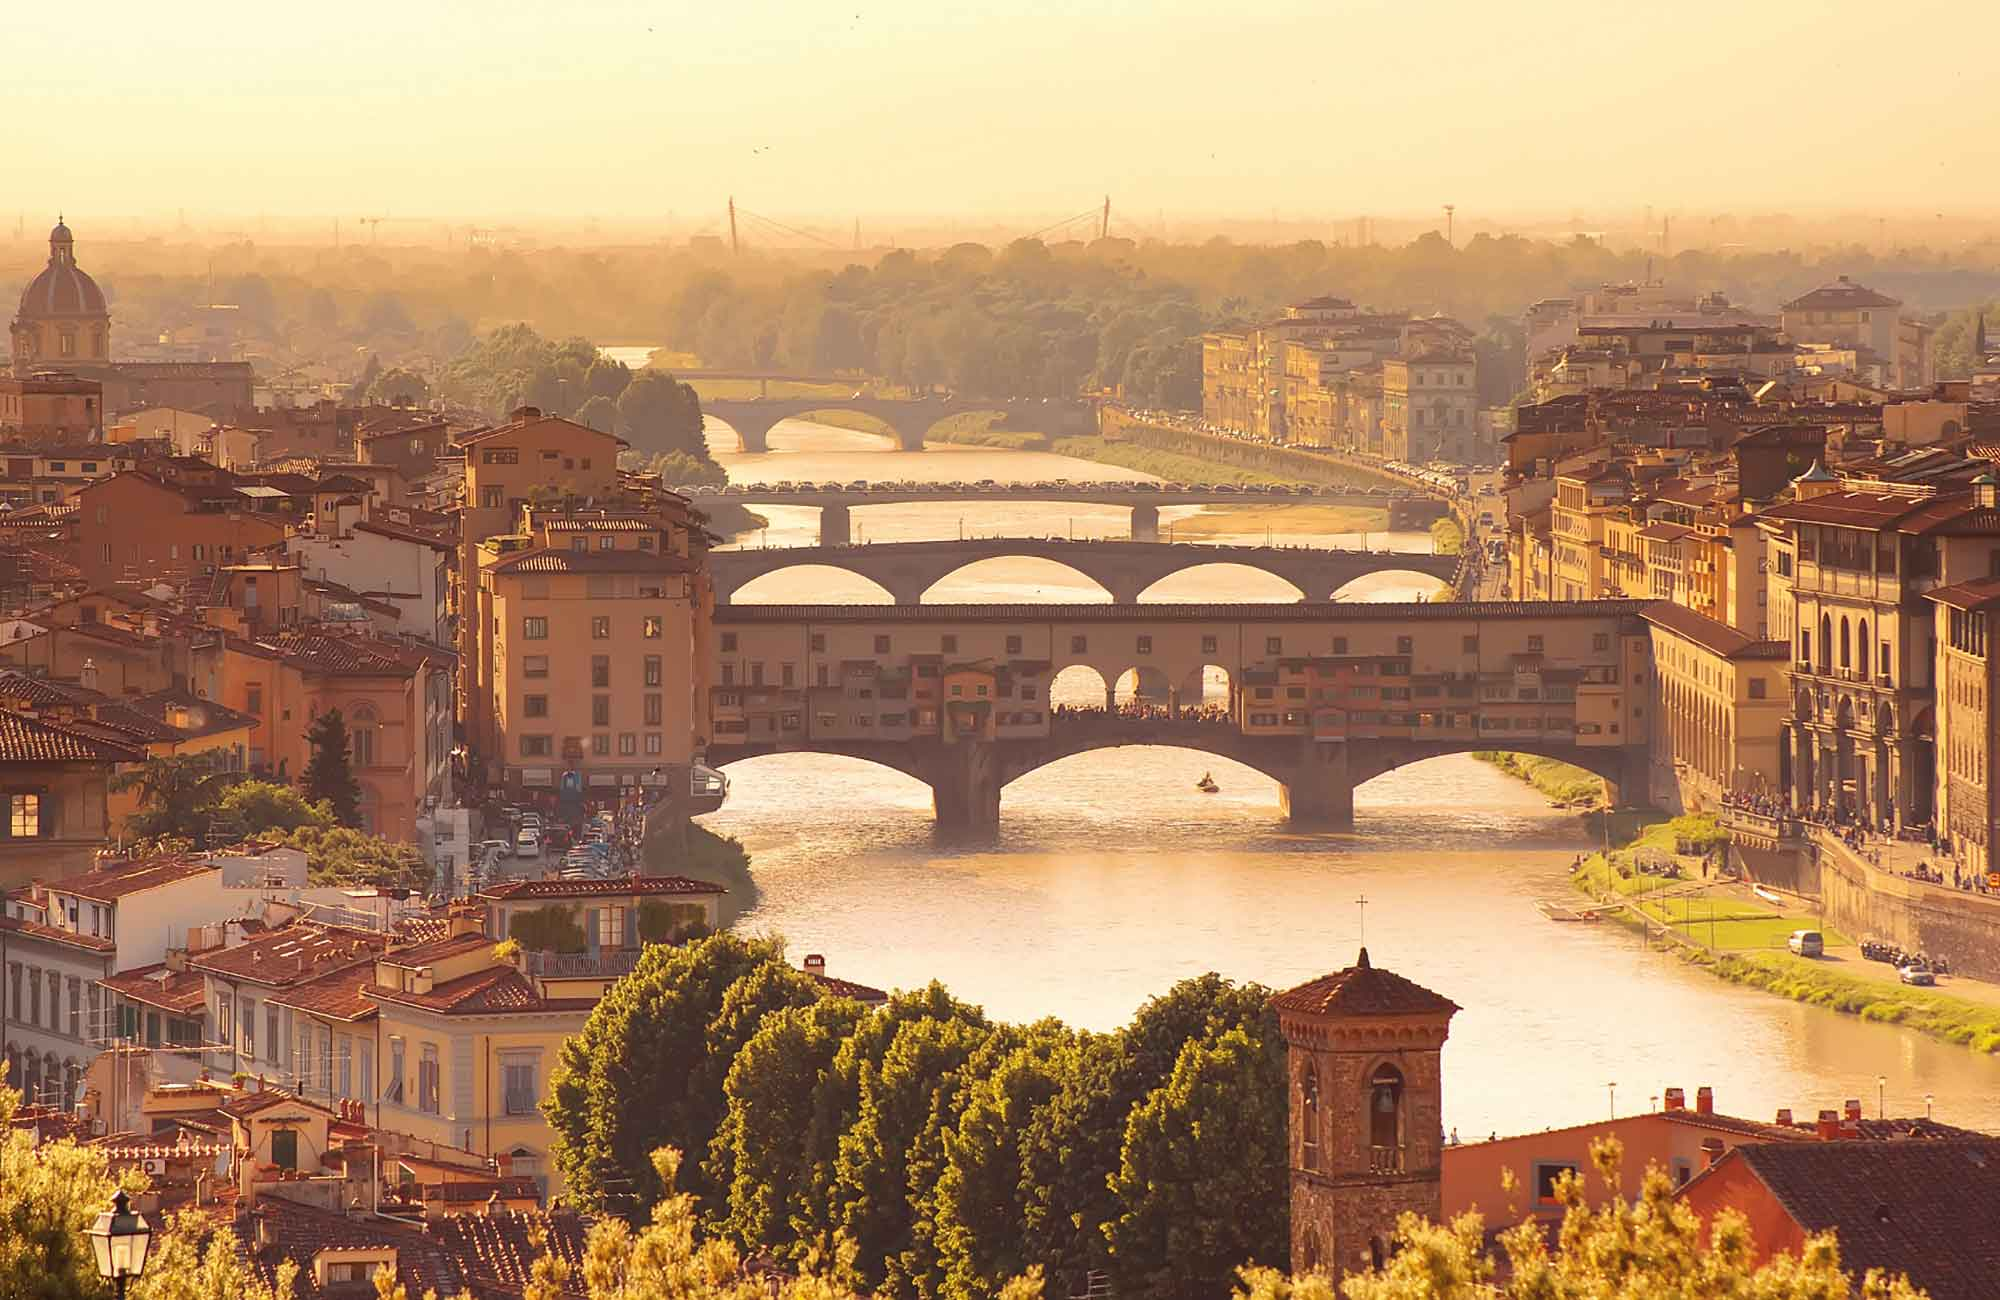 Florence venise rome naples pour partir pour les week-ends de mai